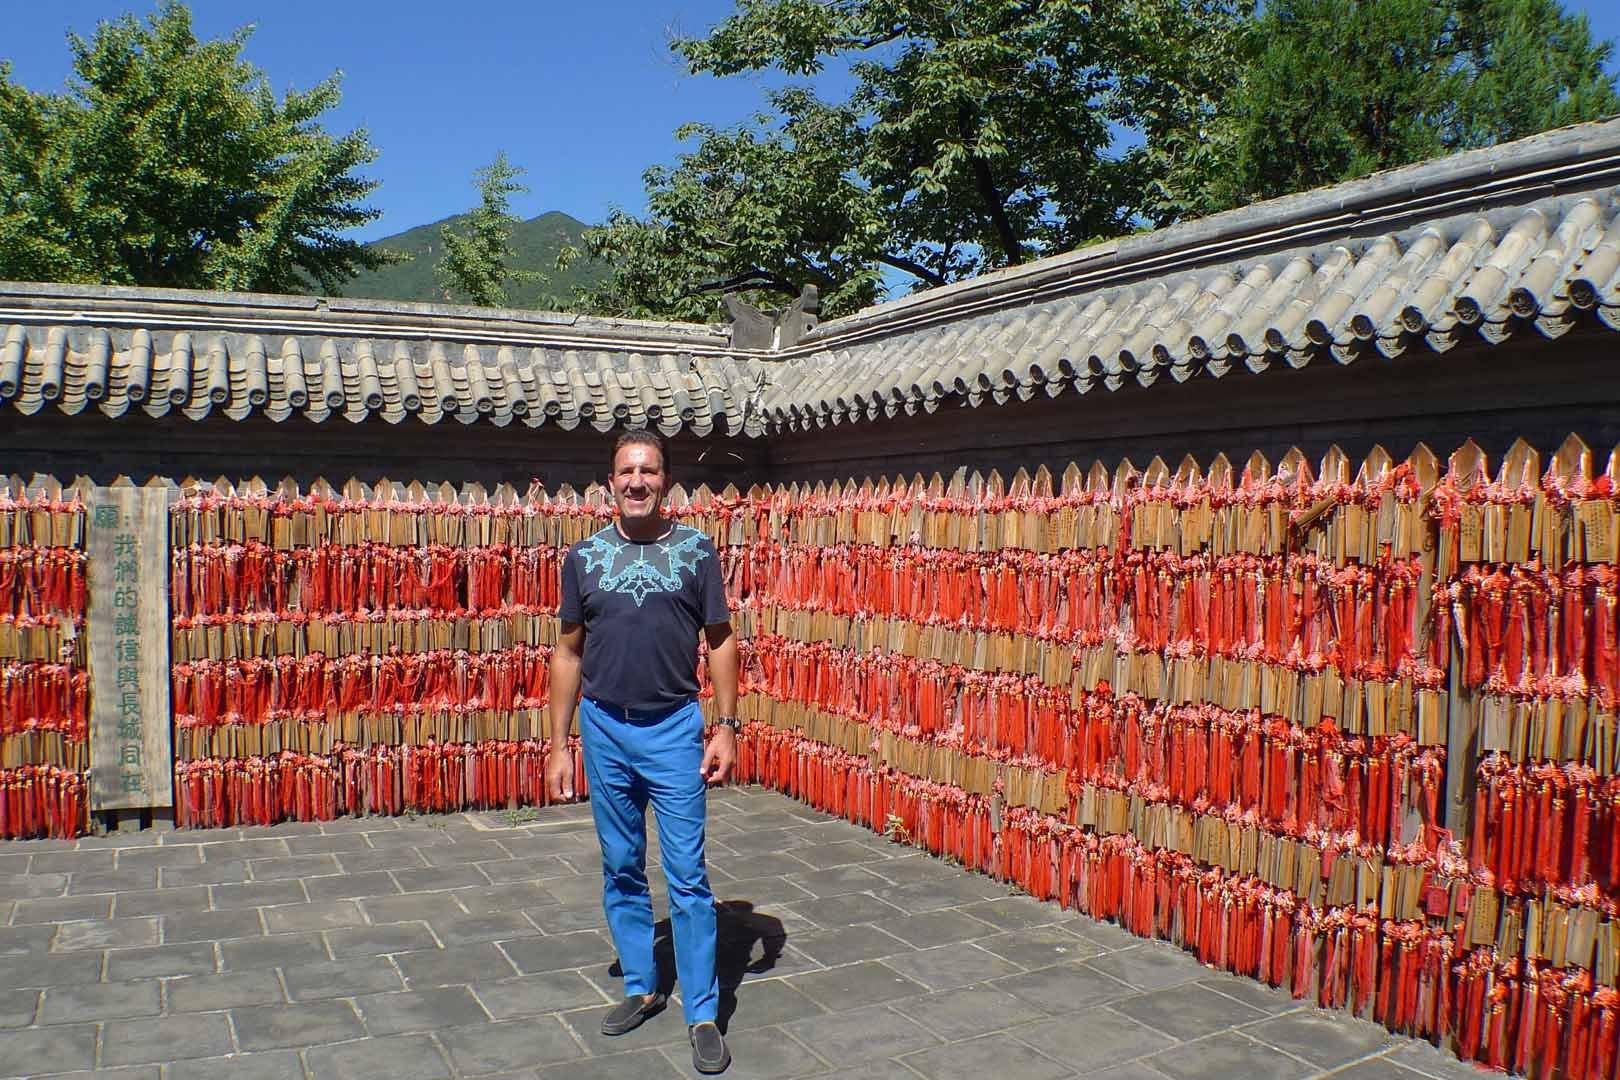 Beijing_Hotspots_Slideshow_031